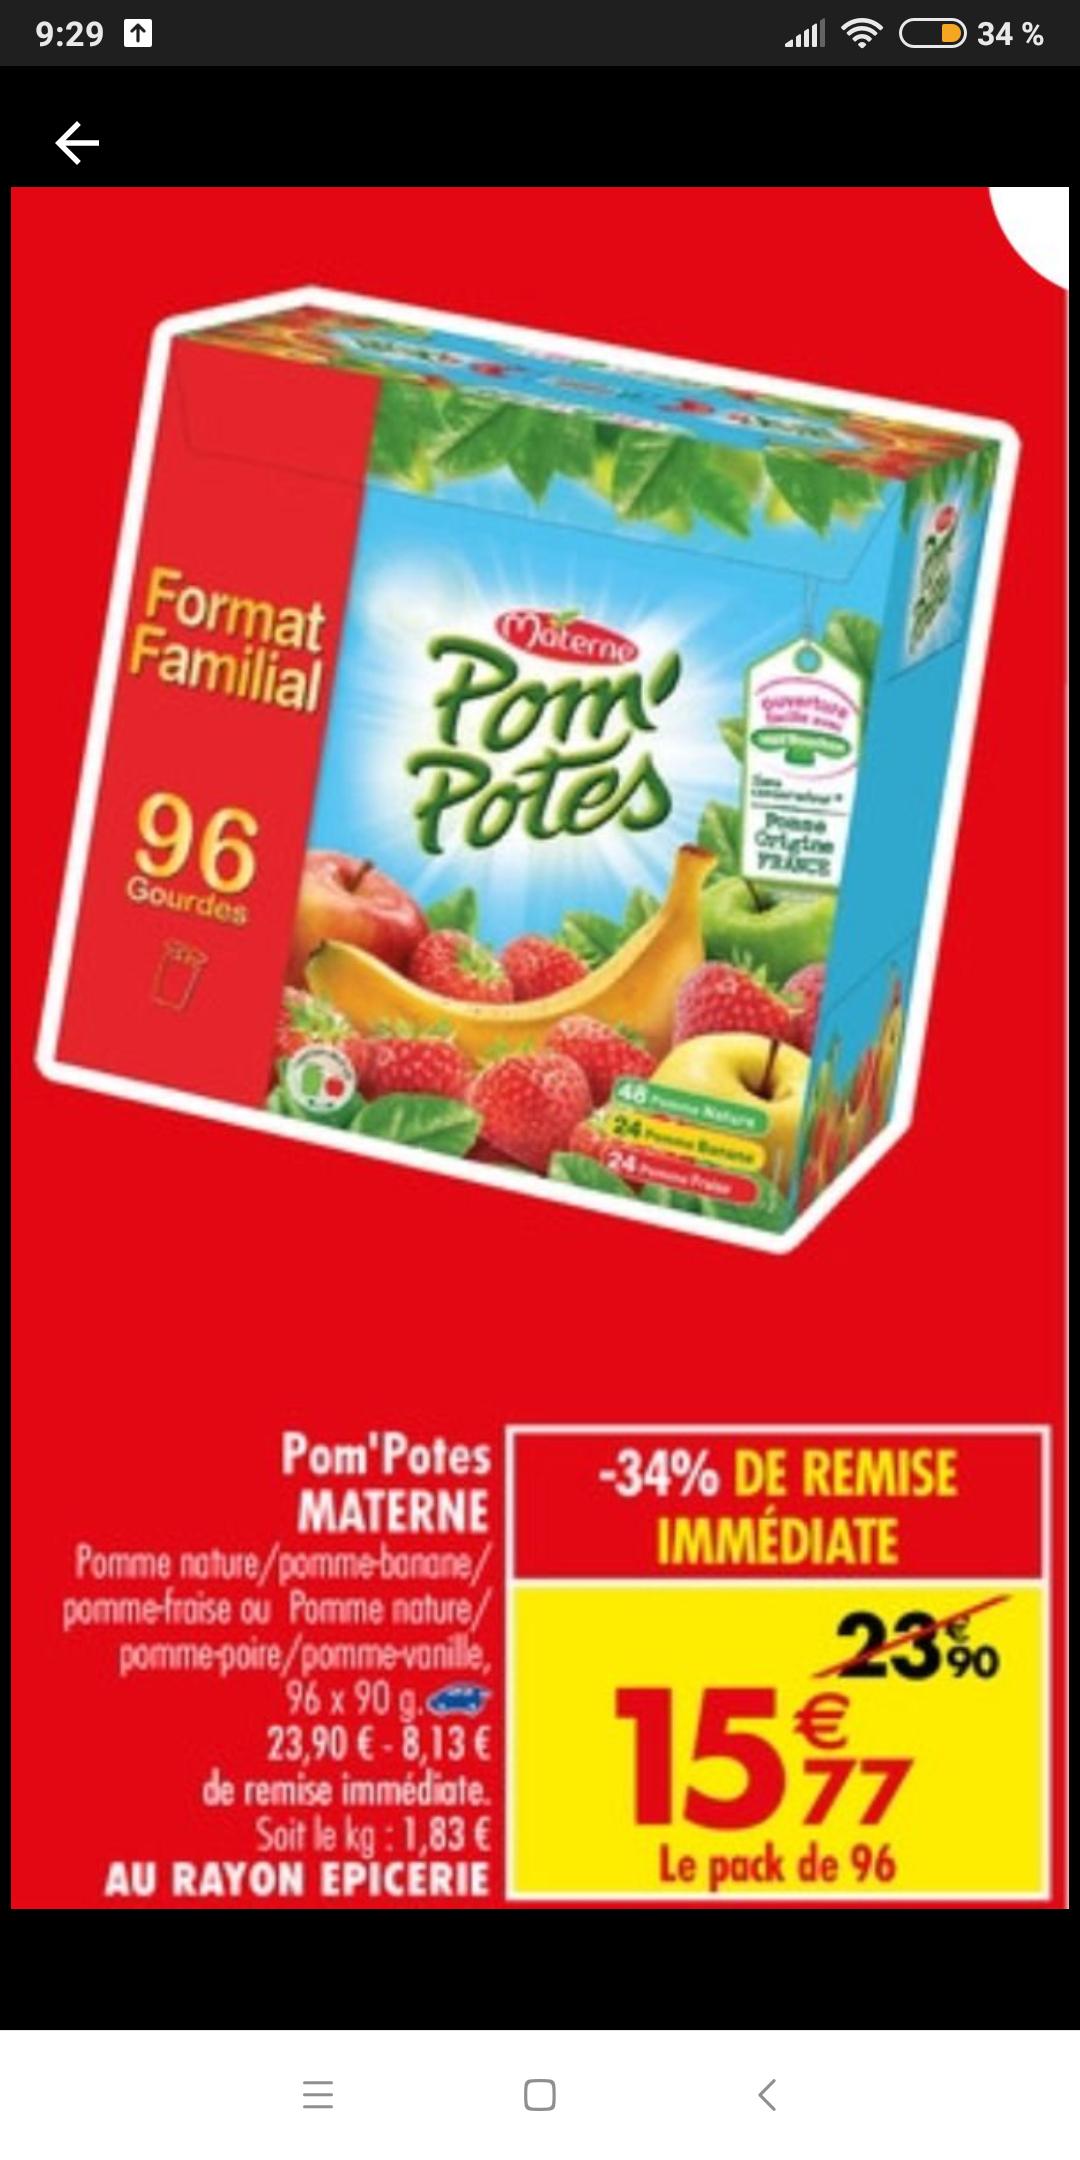 Lot de 96 gourdes Pom Potes Materne - 96 x 90g ( 8.13€ de remise immédiate)